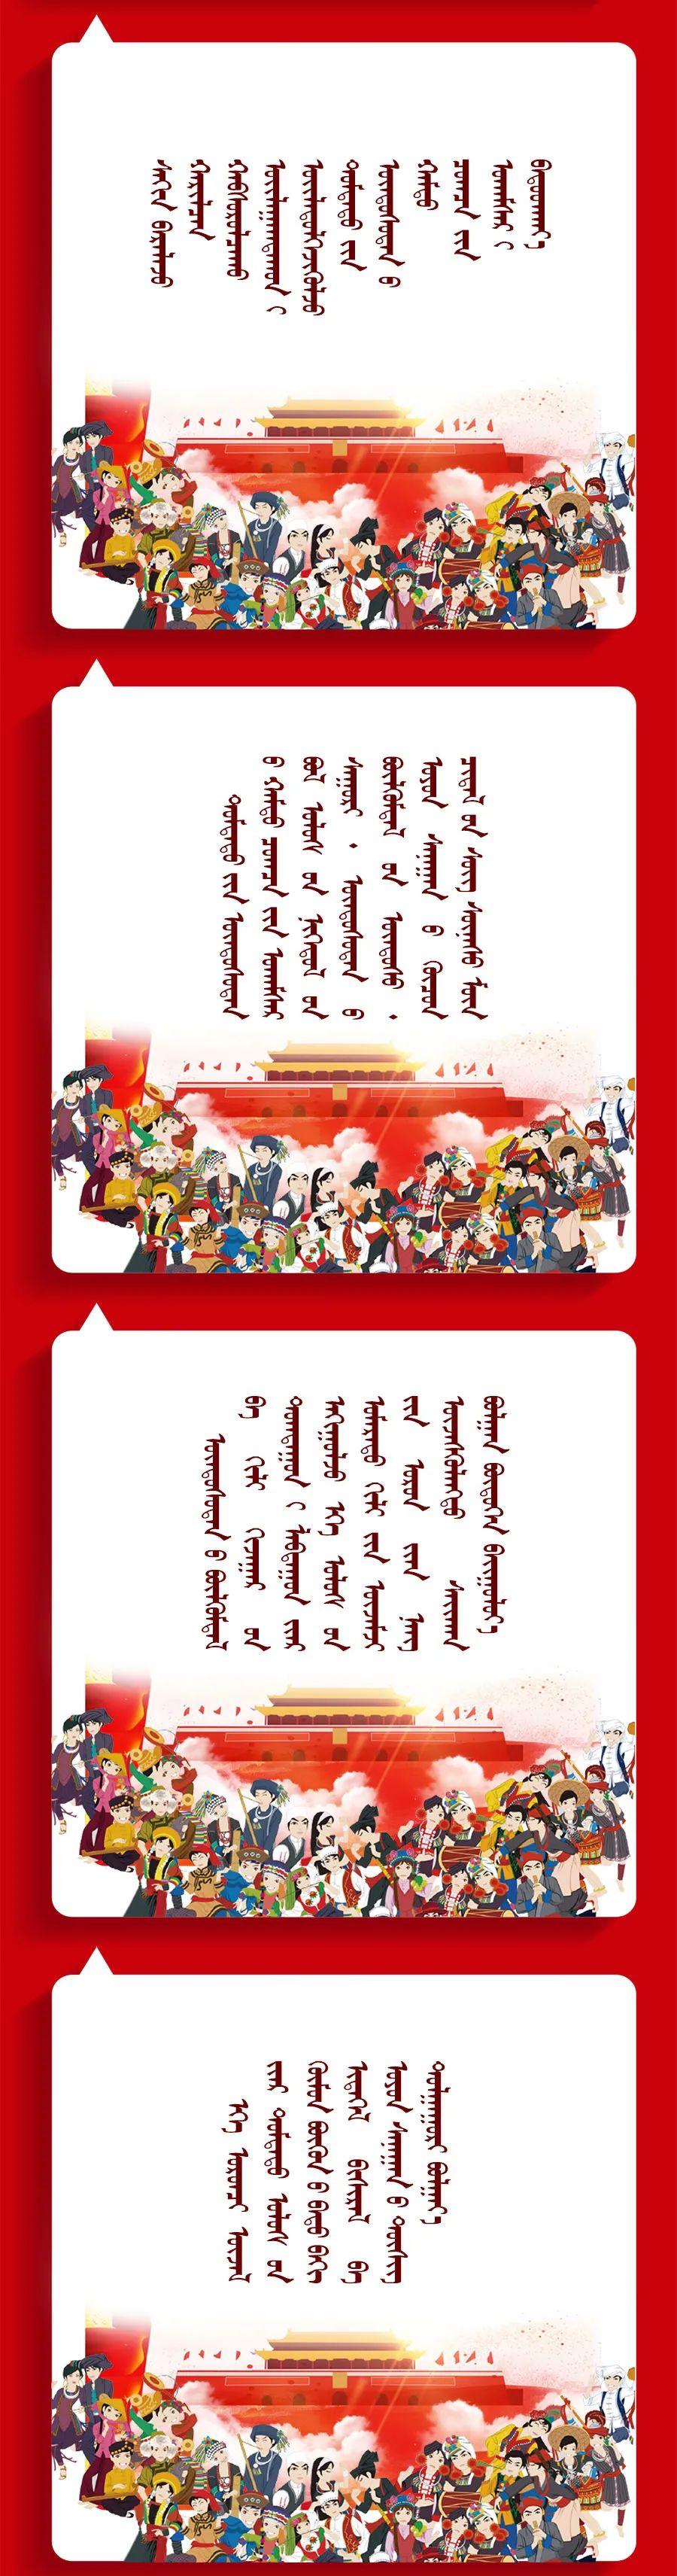 铸牢中华民族共同体意识—— 蒙古文宣传标语 第3张 铸牢中华民族共同体意识—— 蒙古文宣传标语 蒙古文库